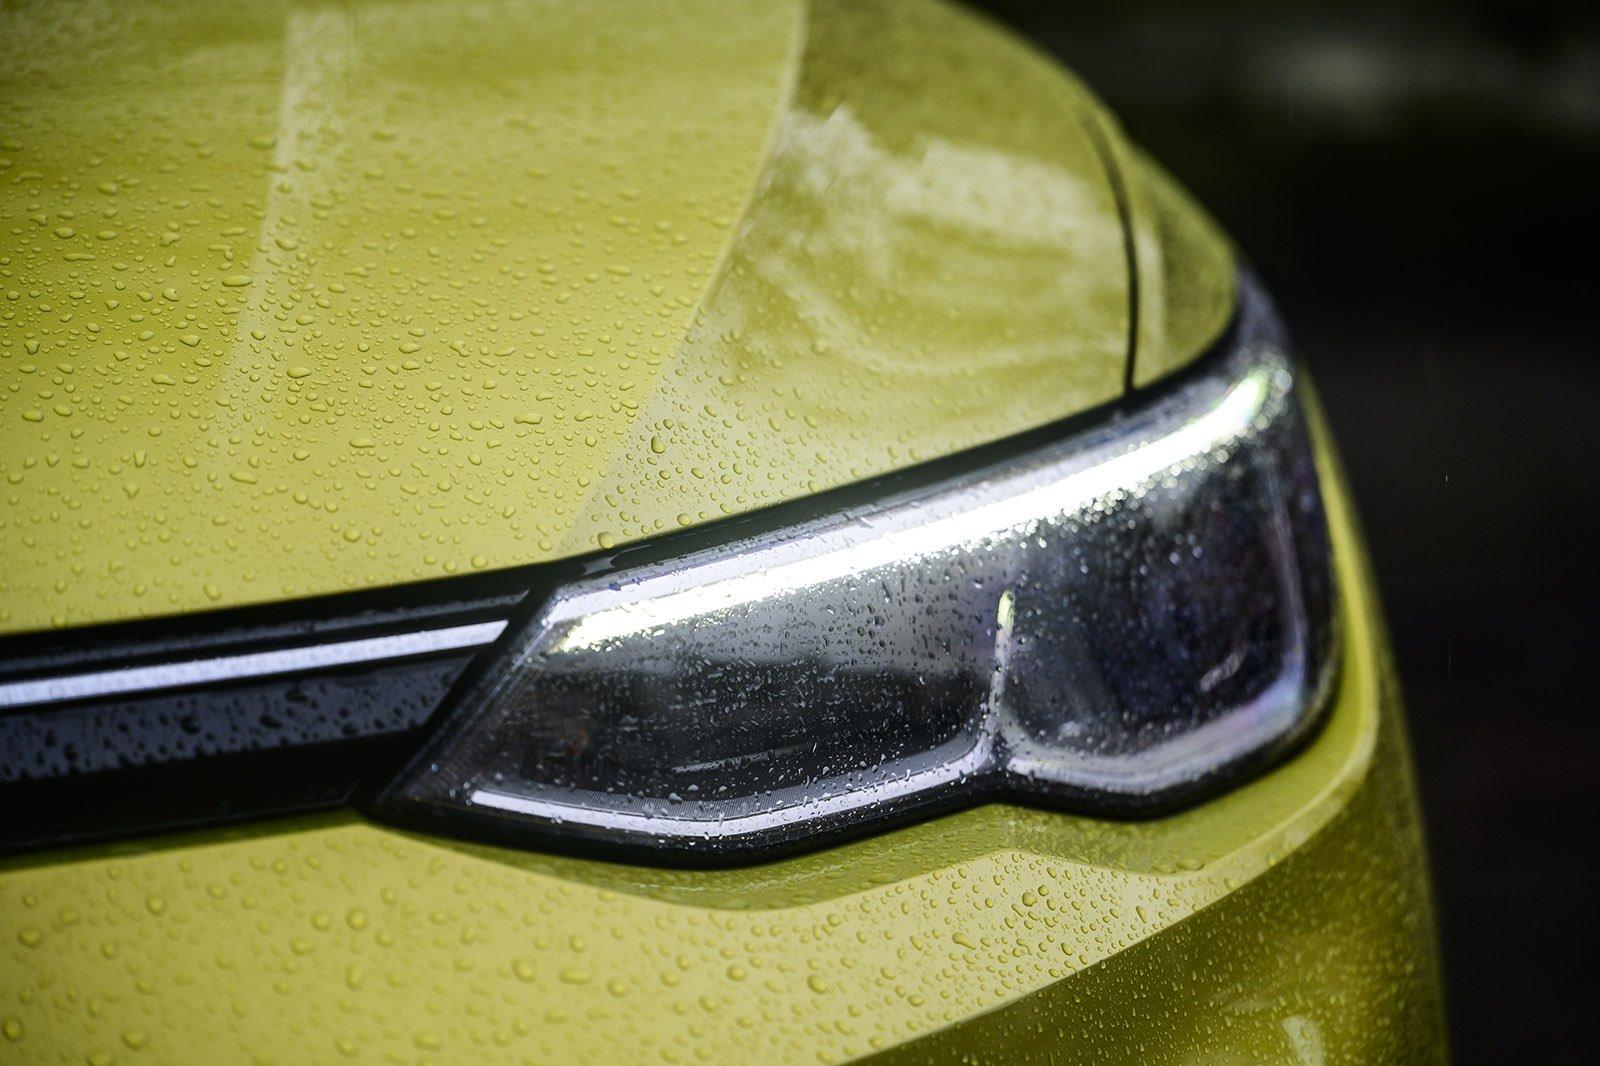 Volkswagen Golf long-term headlight detail